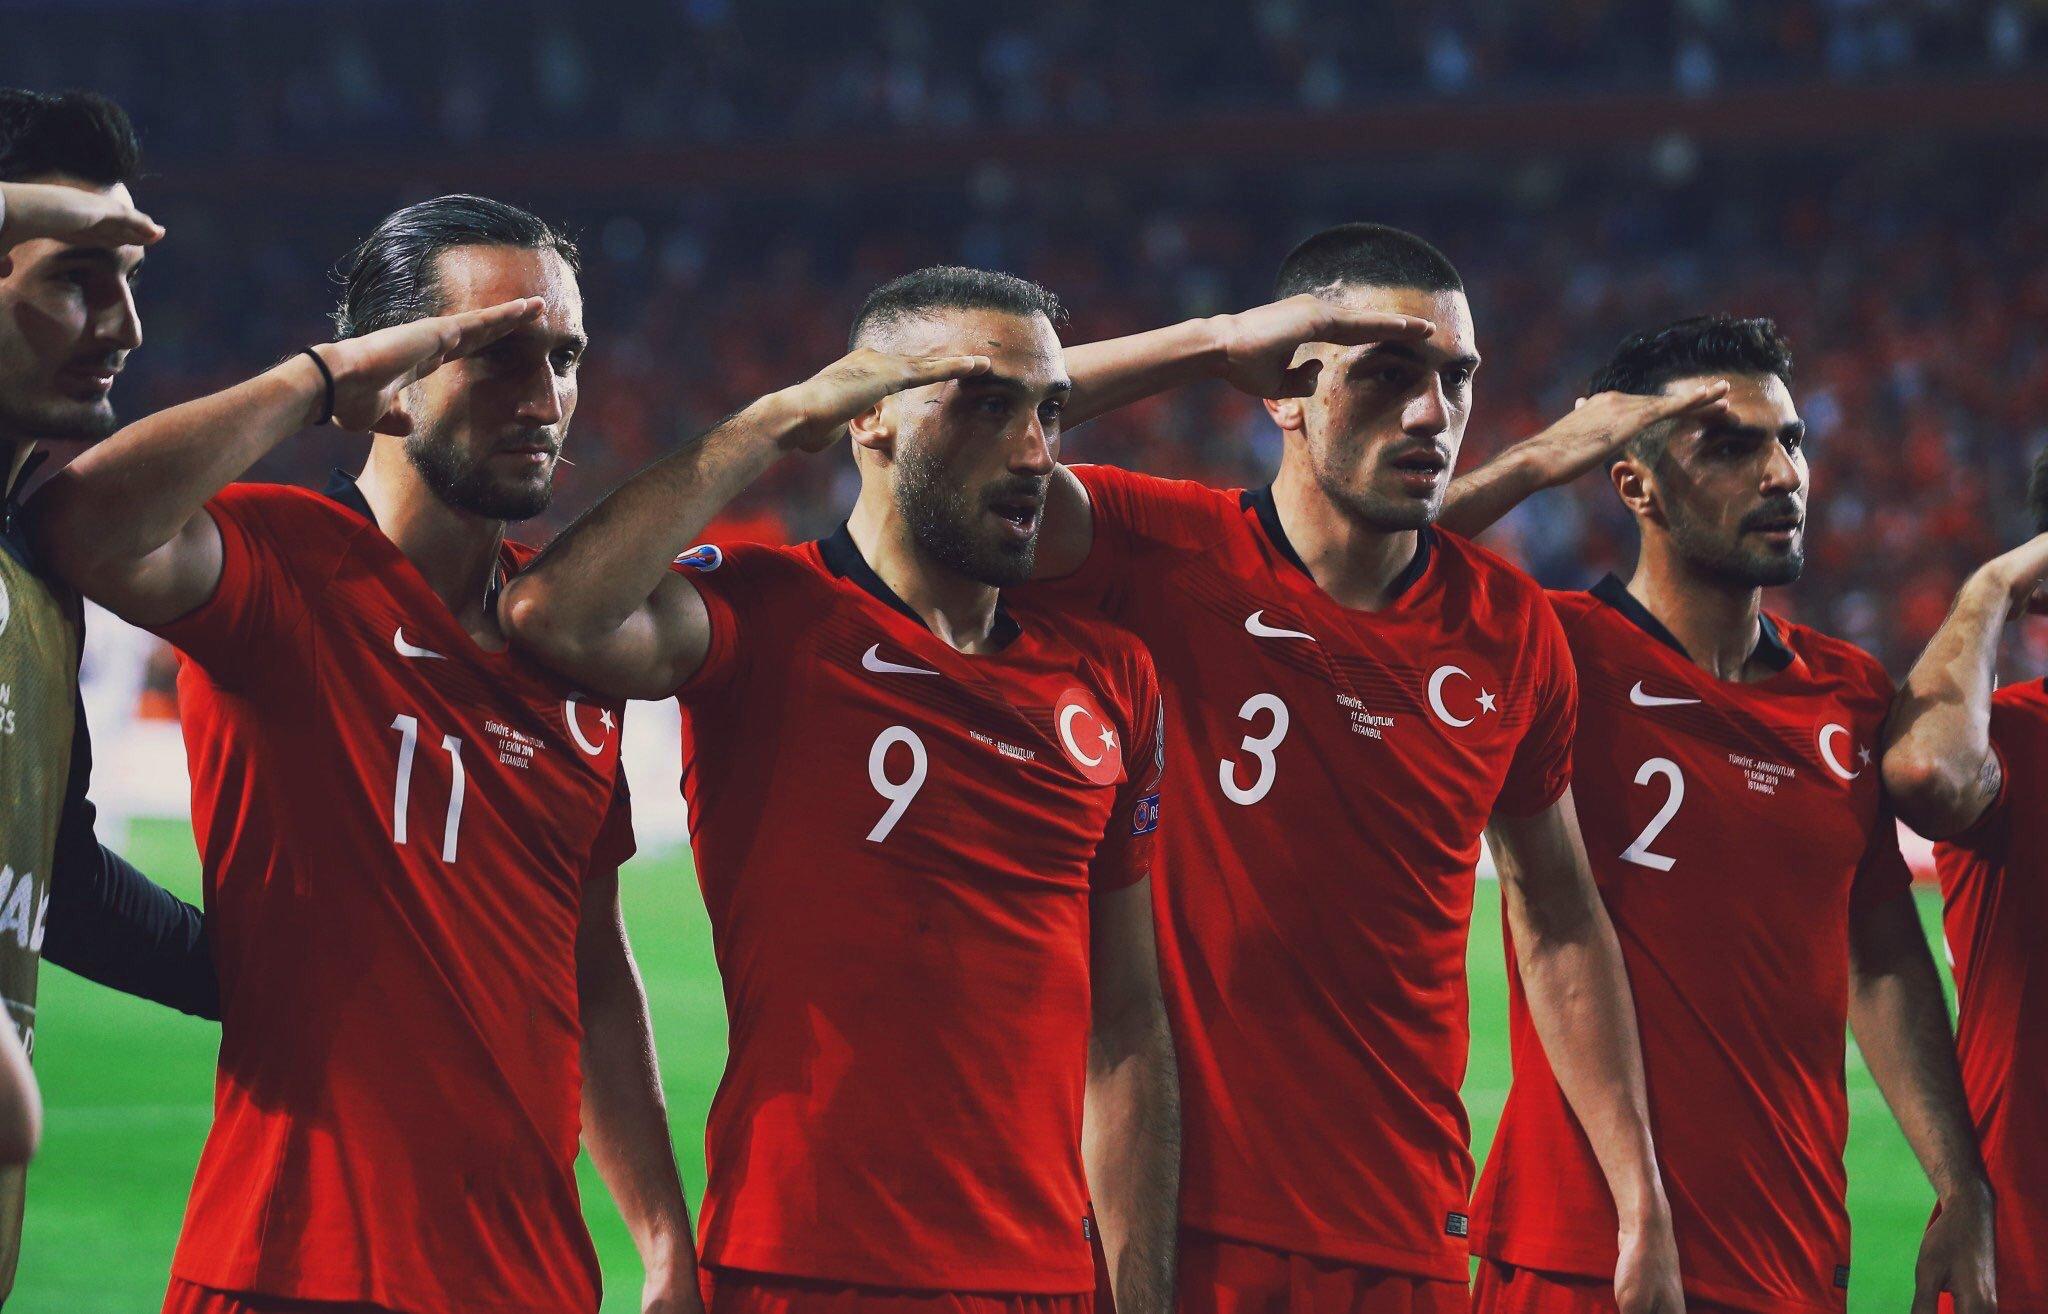 احتفال اللاعبين بالتحية العسكرية